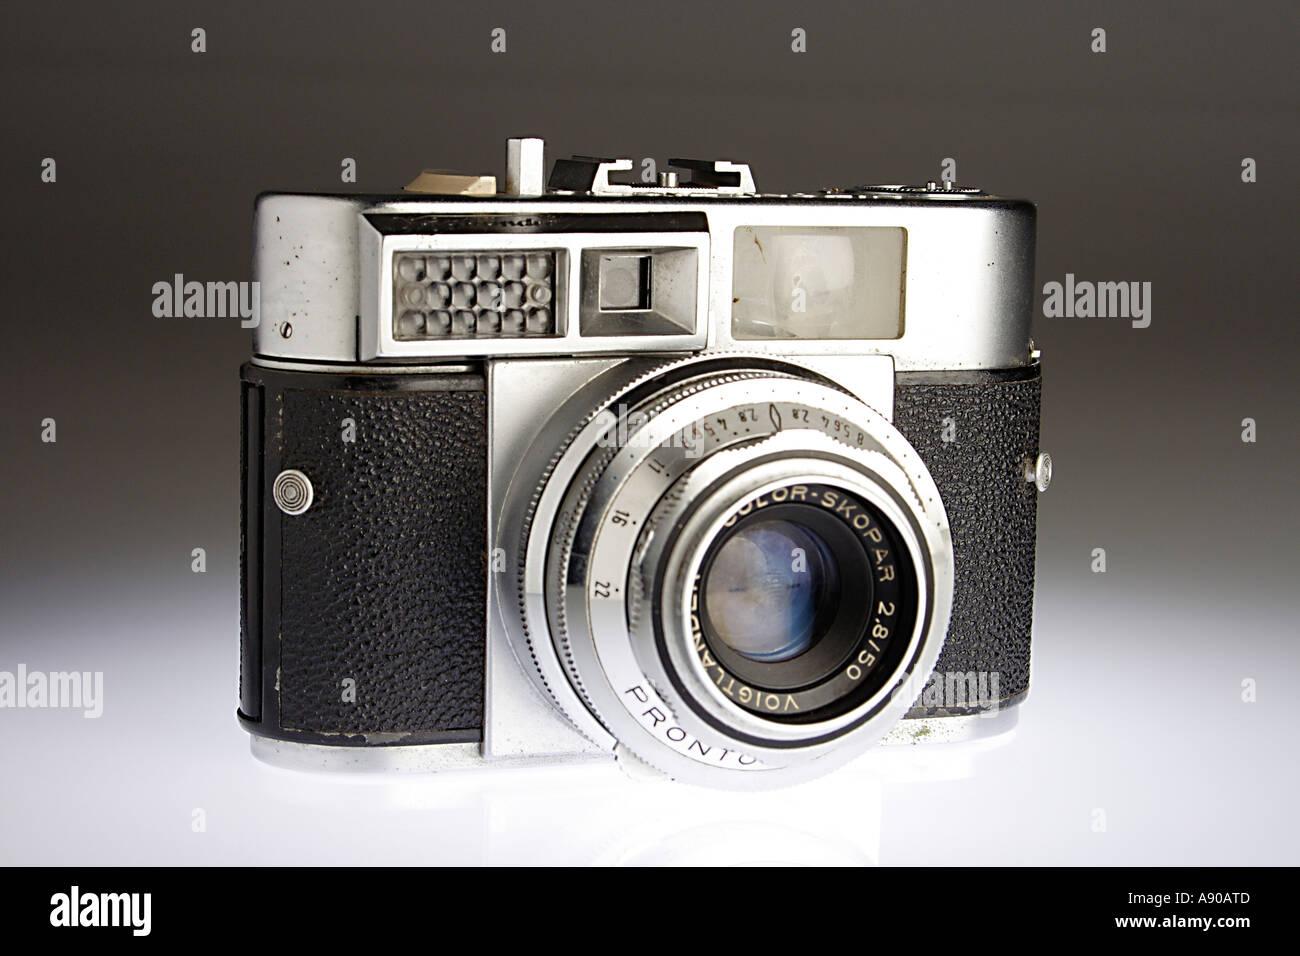 Entfernungsmesser Für Fotografie : Vda78034 alte antike fotografie kamera entfernungsmesser voigtländer